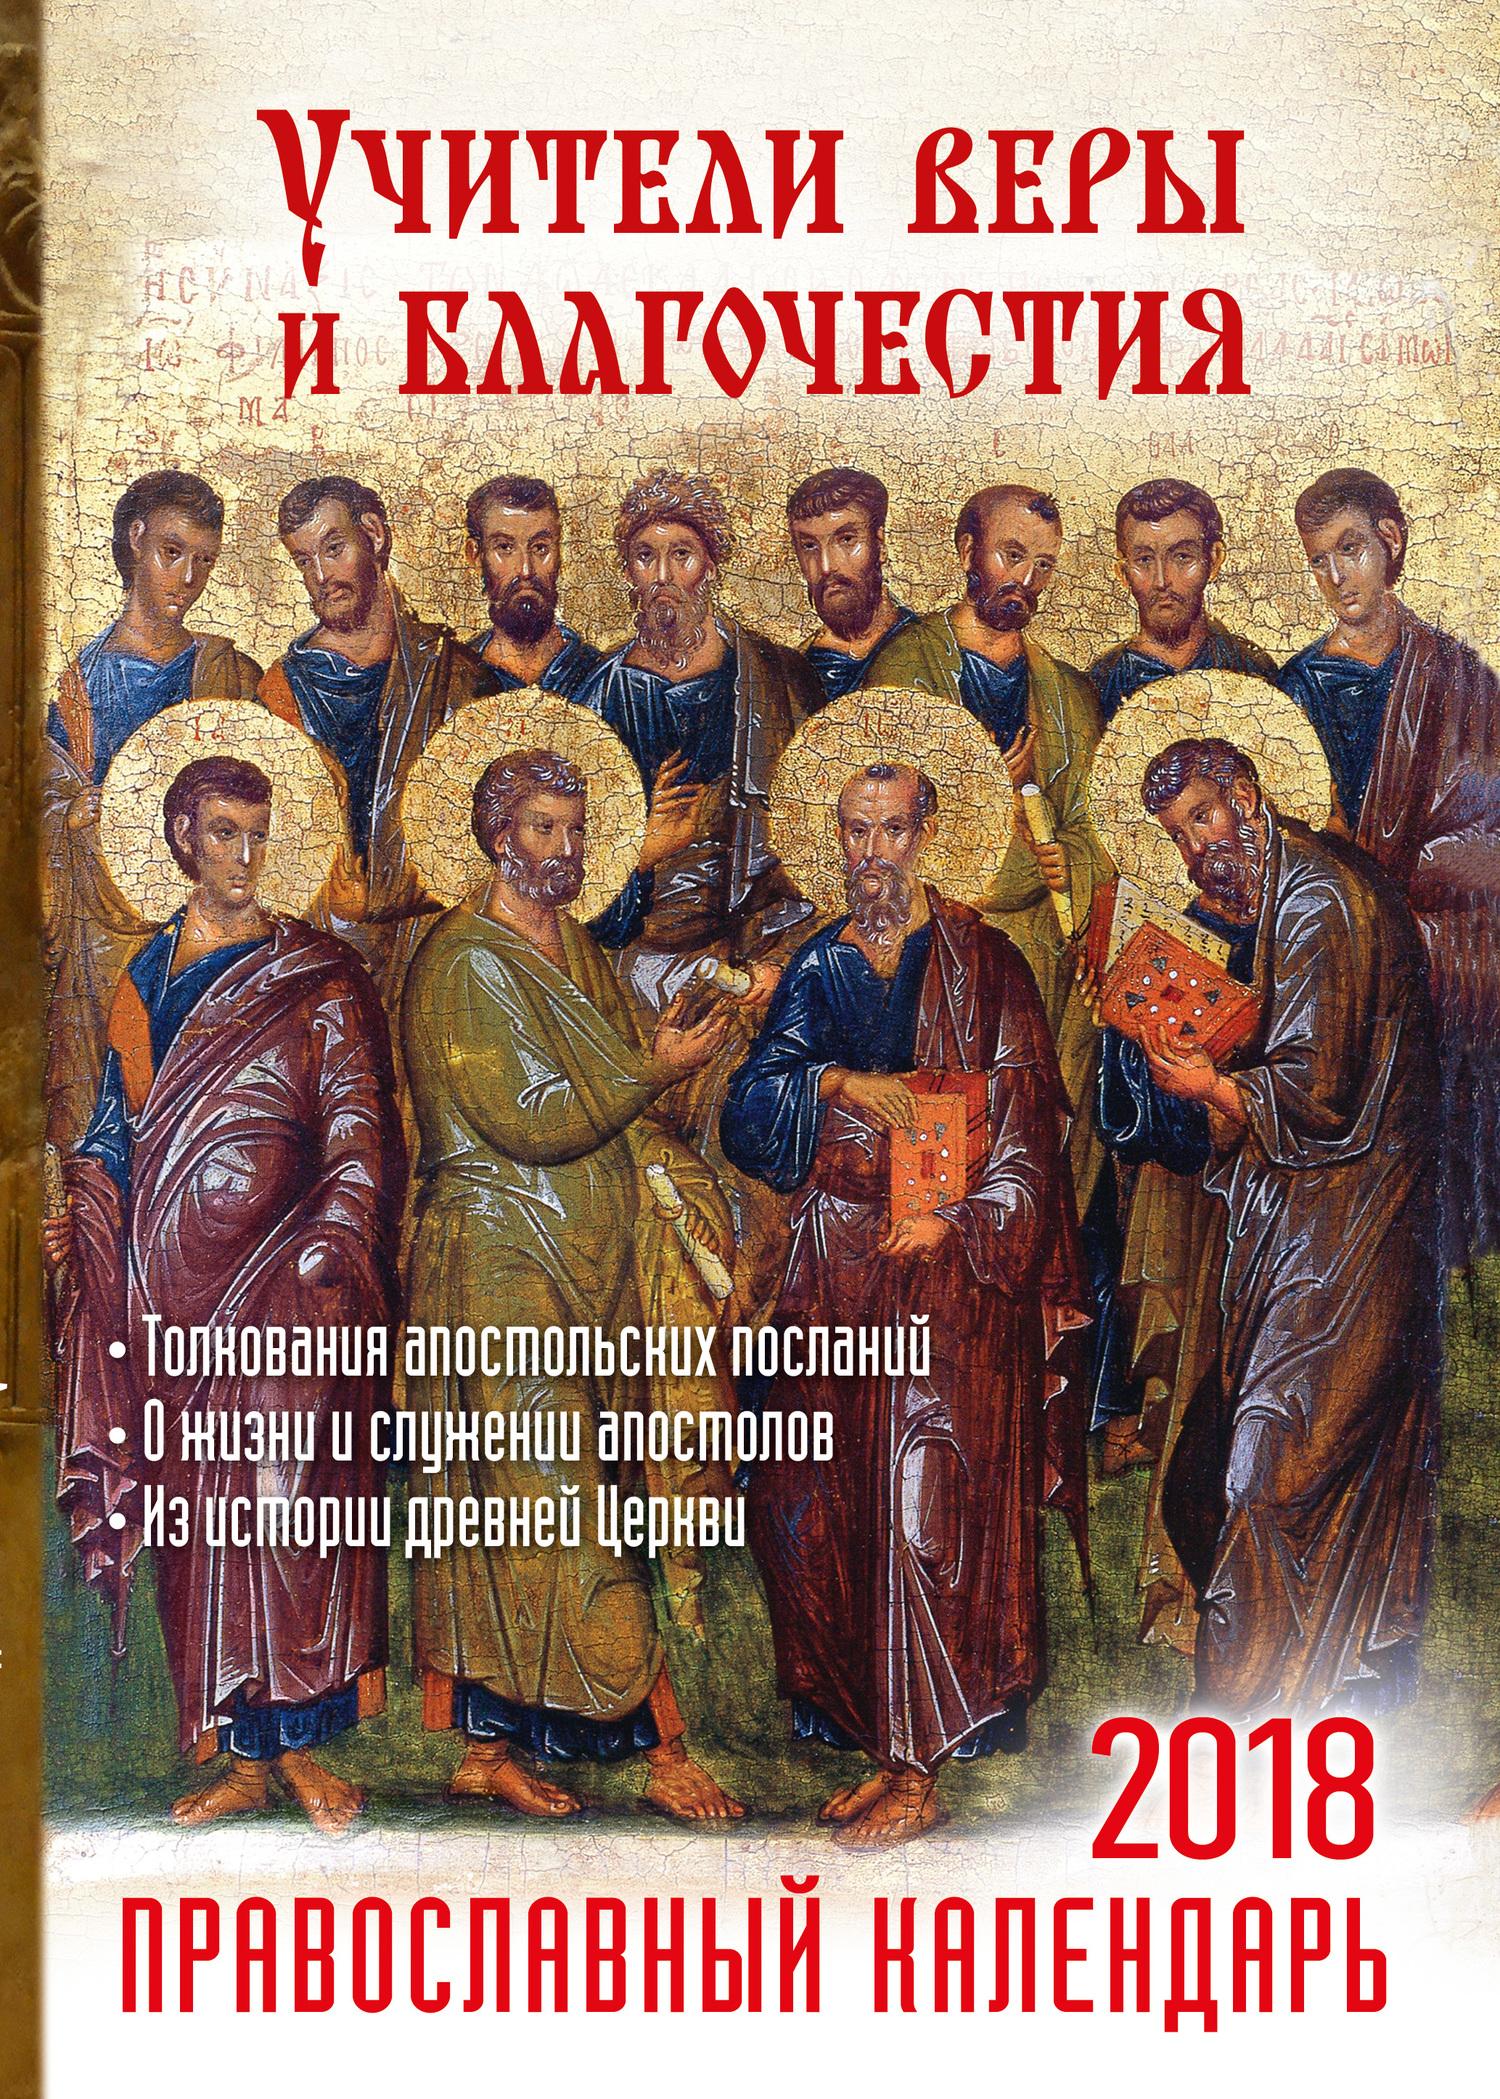 Учители веры и благочестия. Православный календарь на 2018 год